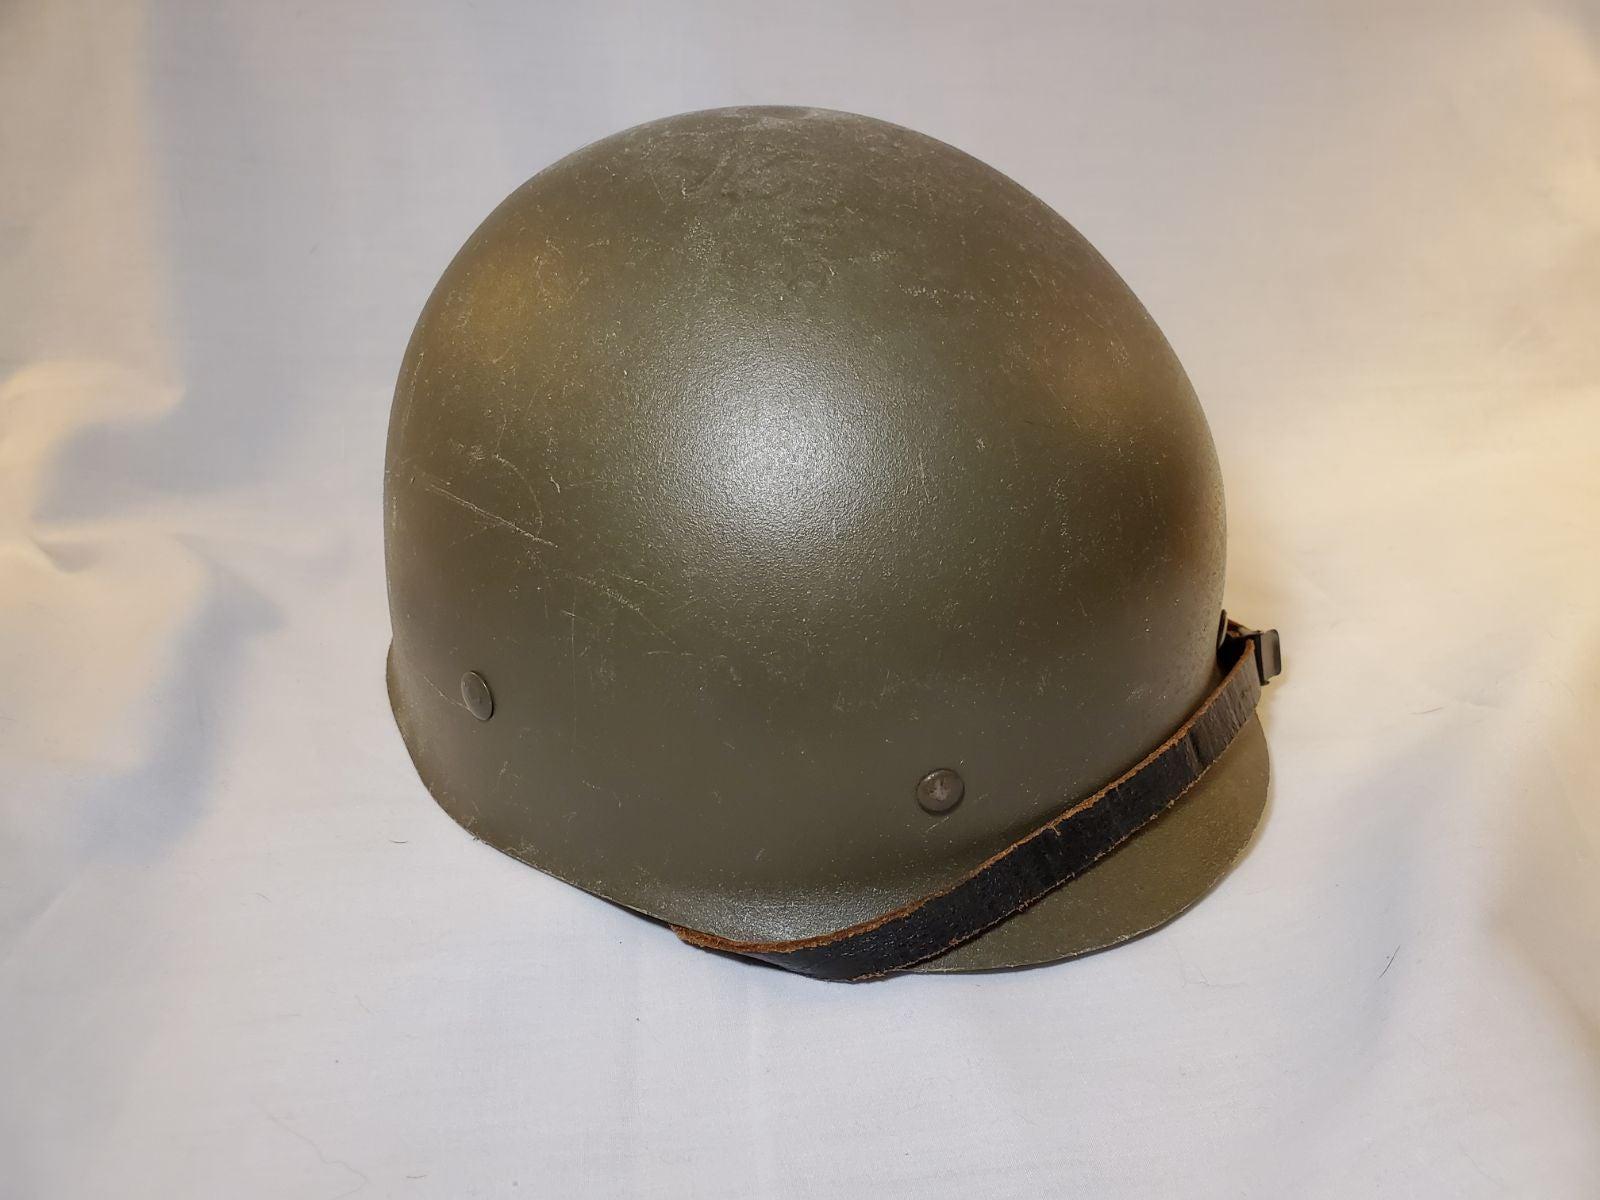 Vintage plastic military helmet liner